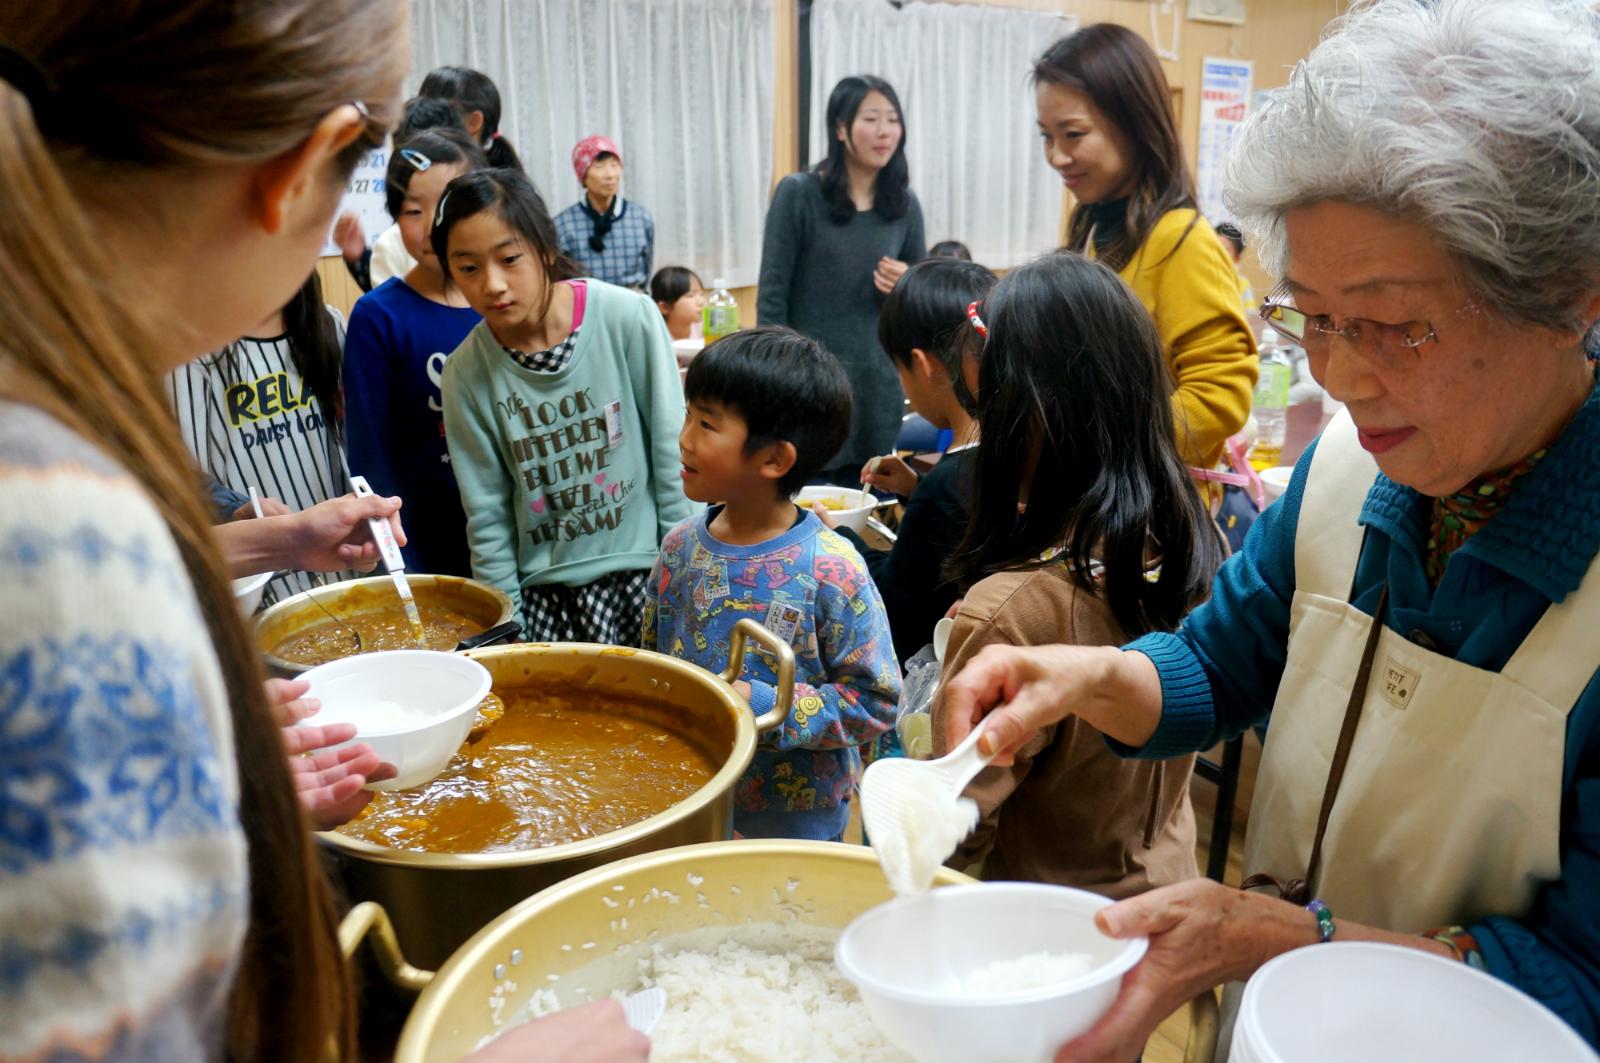 「こども食堂」の定義論争こそ当事者不在の「おとなの都合」-子どもにとって定義よりも重要なこととは?